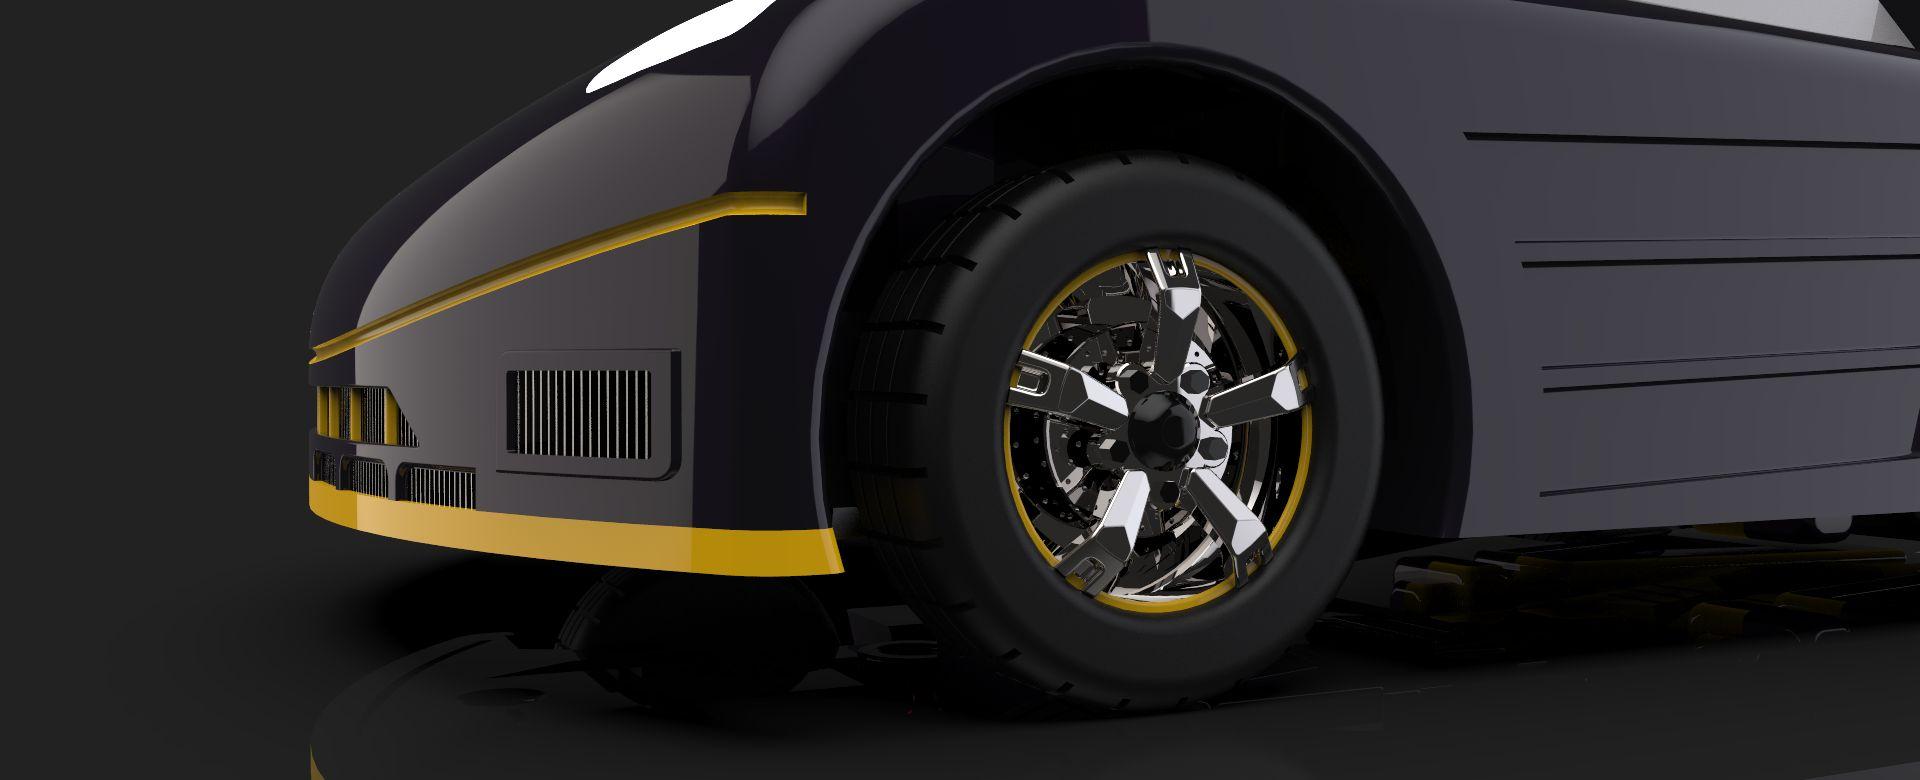 Car-bot-1-42-3500-3500